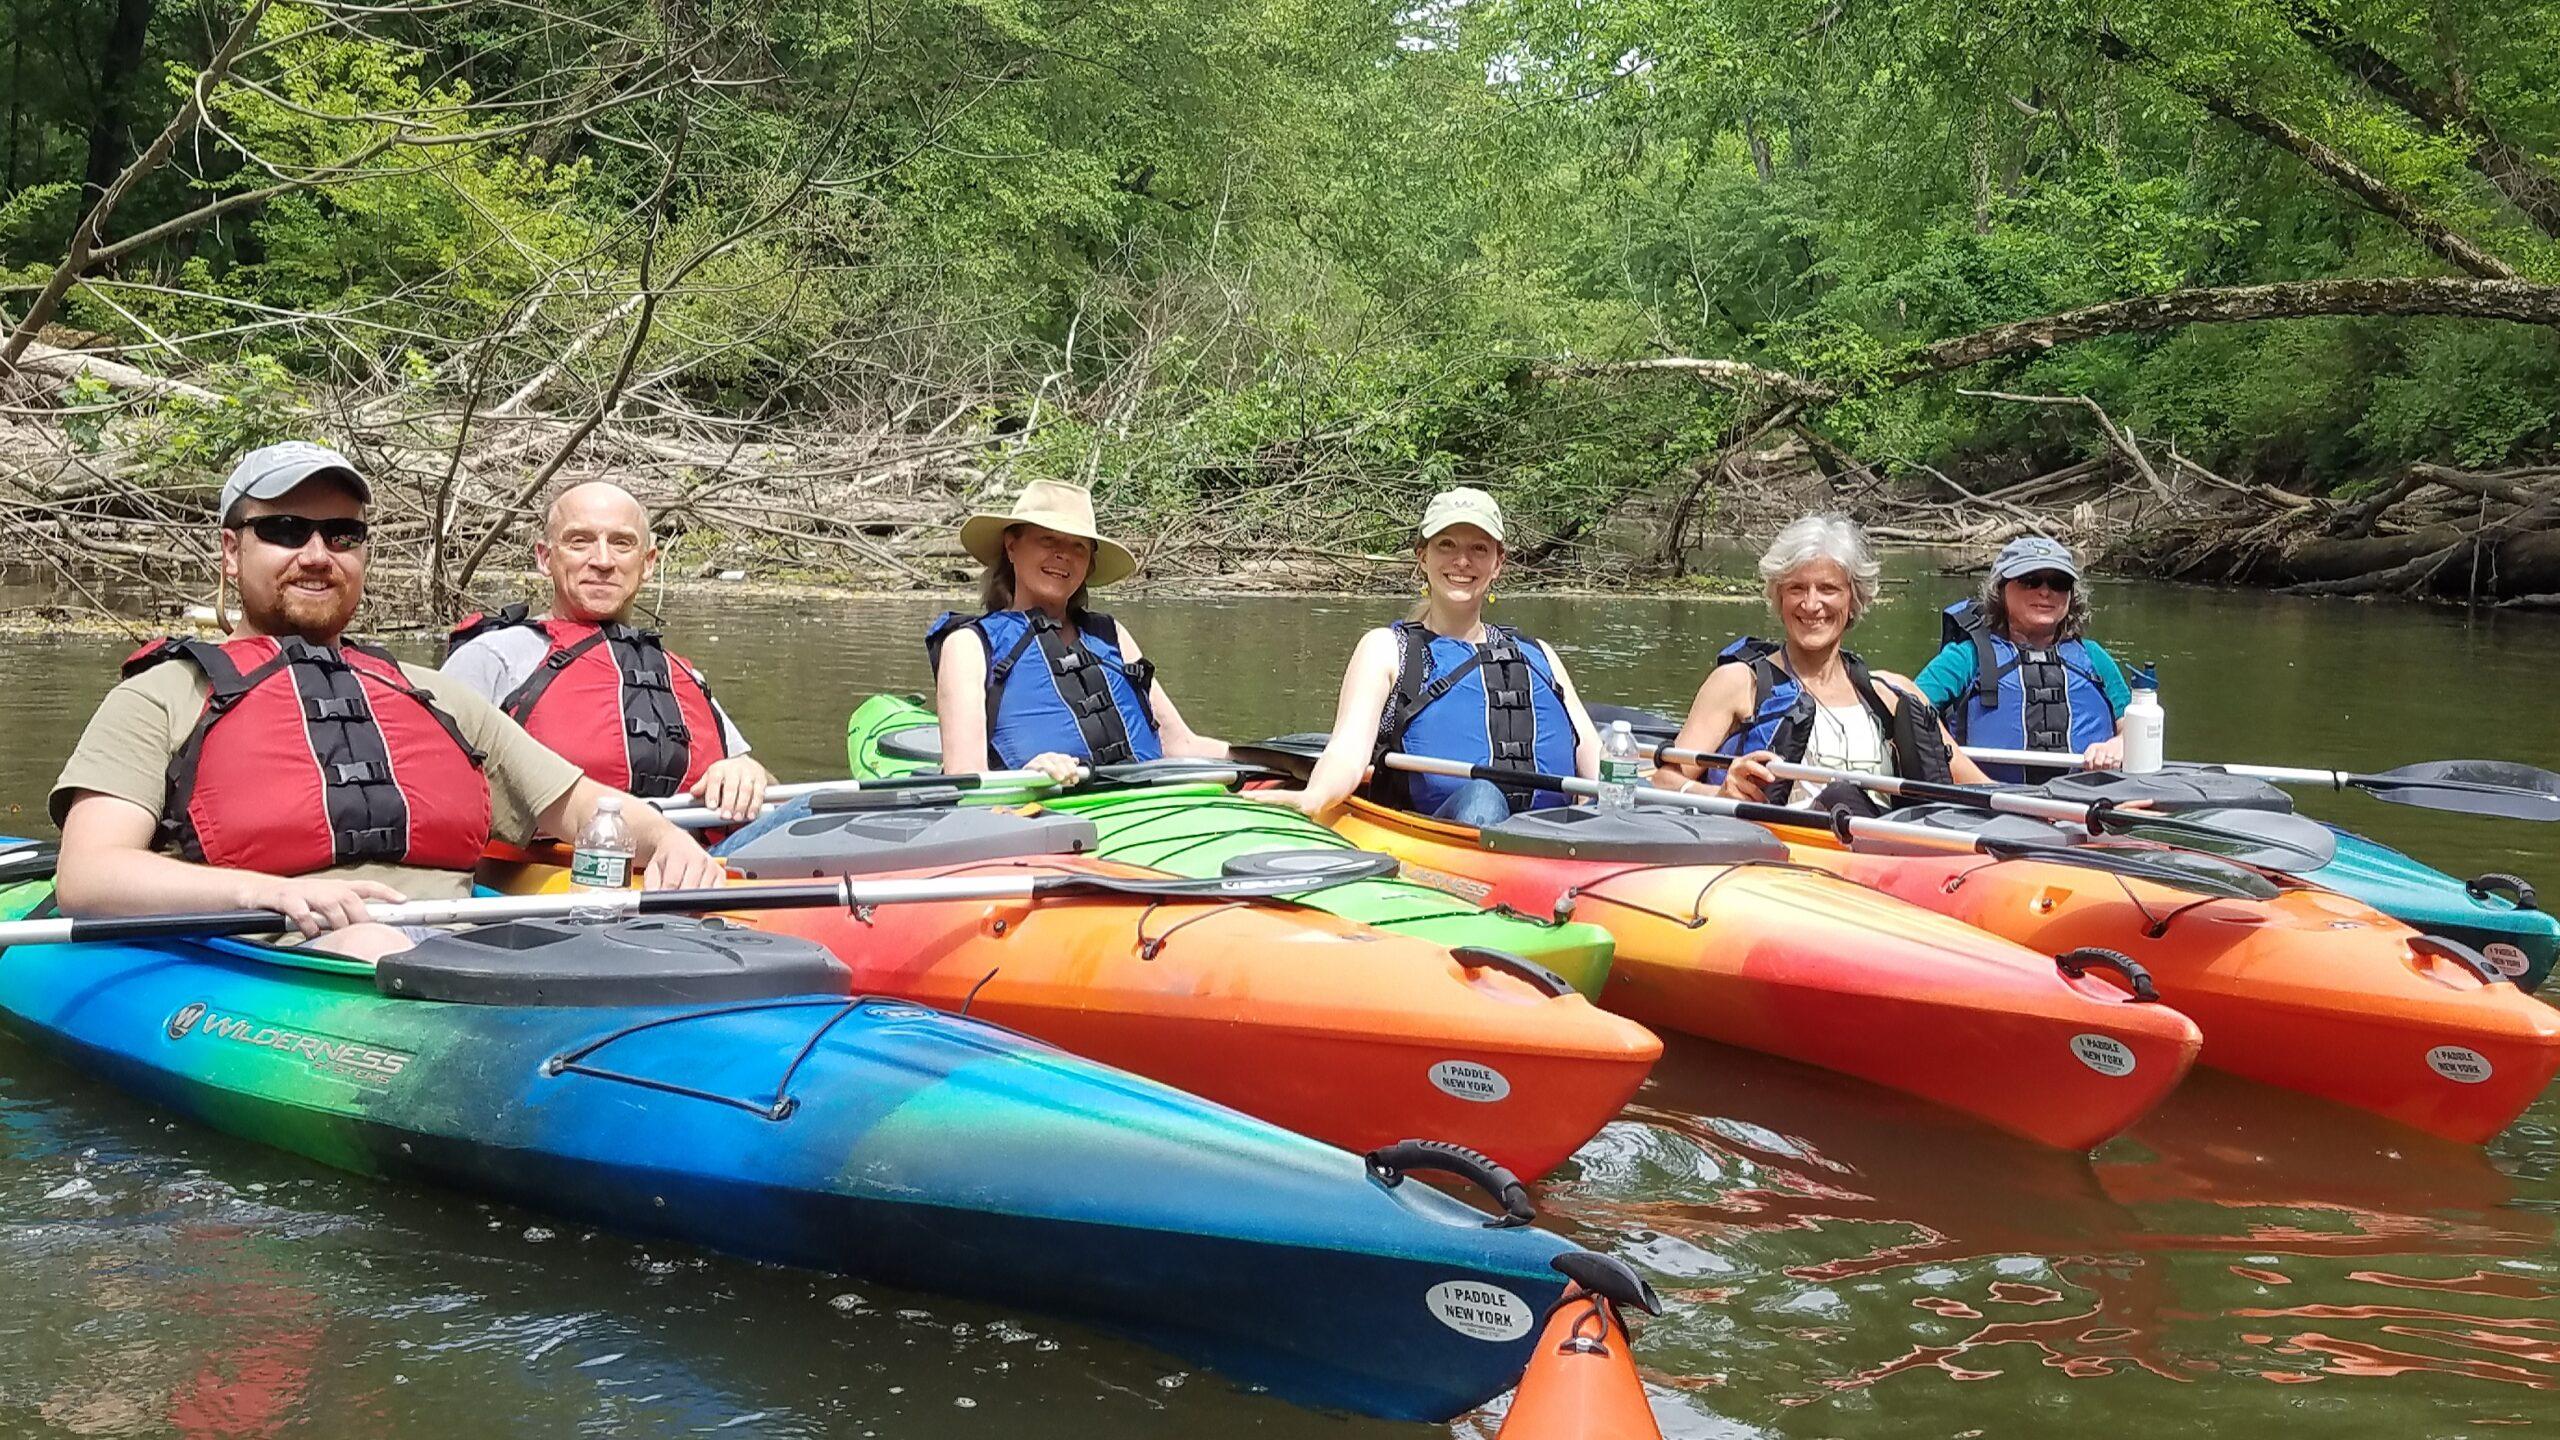 Watershed group members in kayaks